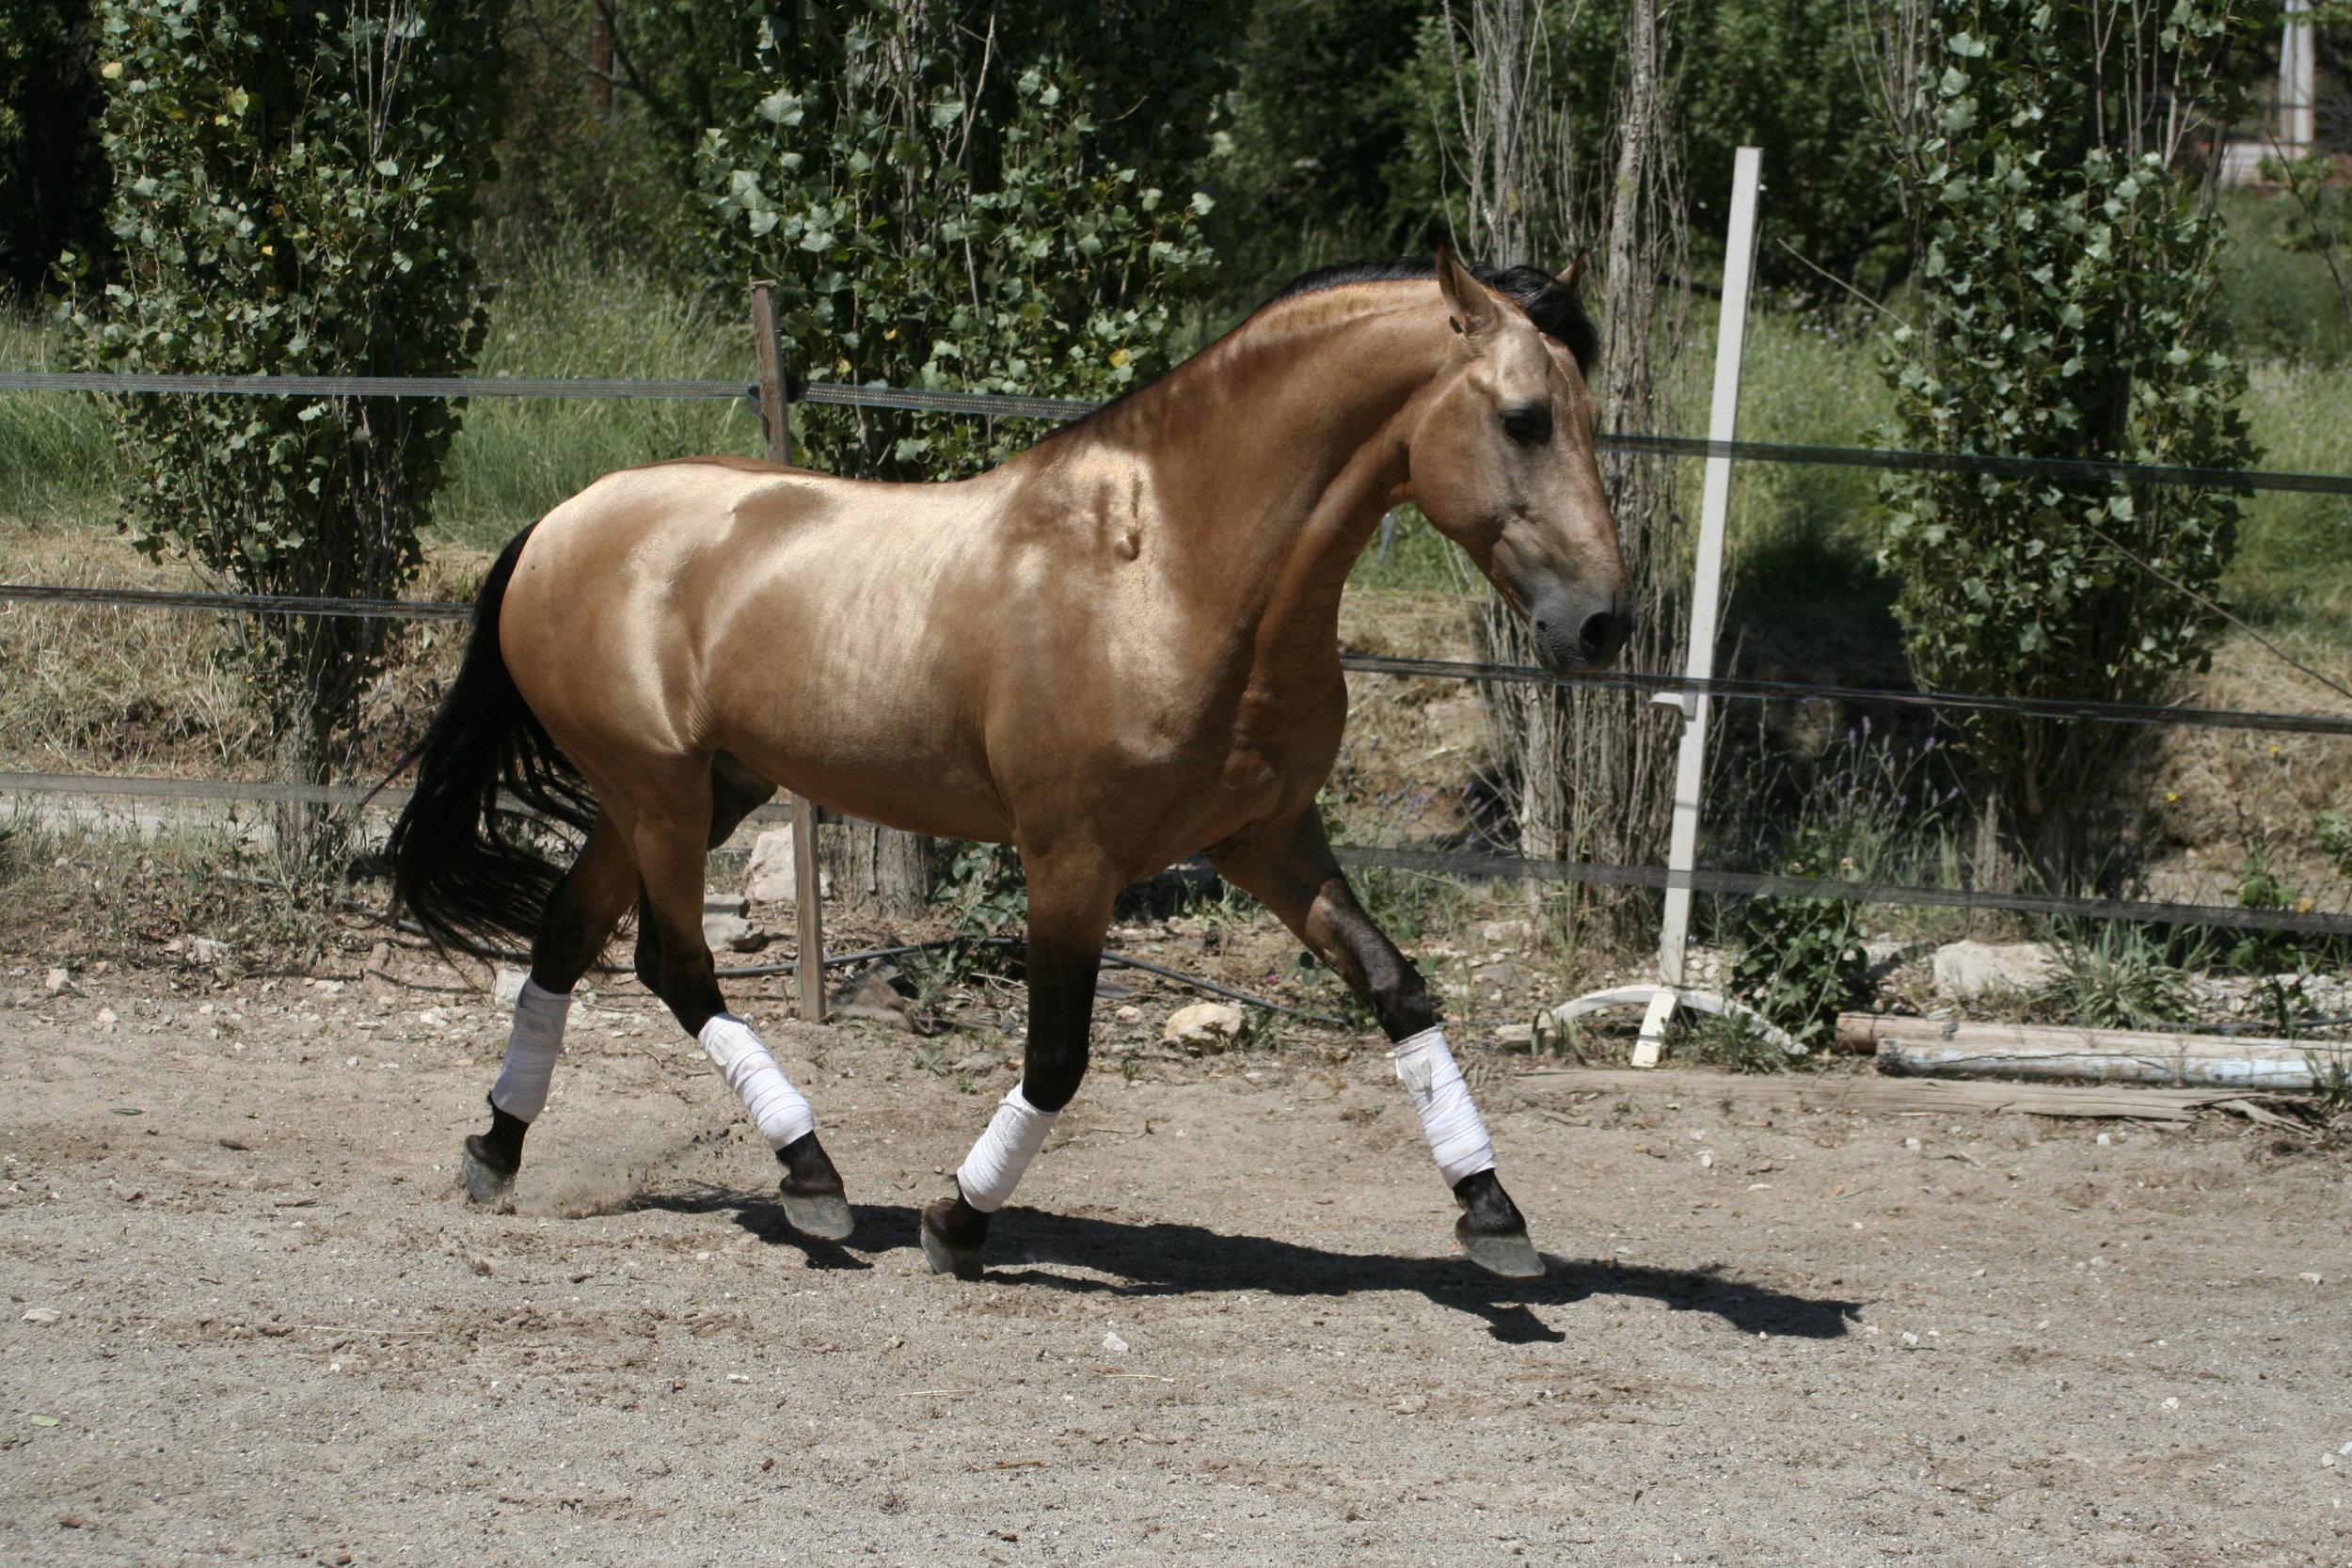 """Efecto A: - Pure Race Espagnole PP.Sa robe est exceptionnelle avec son isabelle or-cuivré métallisé.152 cm. 8 ans.Baroque, beaucoup de crins.Vient de l'élevage Antares, Fils du celèbre étalon """"Claudio vives"""". avec la génétique Ee AA Cr Cr .Efecto A, est un cheval facile à vivre, connait le box, et respecte les clôtures.Un cheval très agréable dans ses allures cadencées. Facile à monter.Très bonne basse école, connait la levade et le pas espagnole.Sors en extérieur,calmement."""